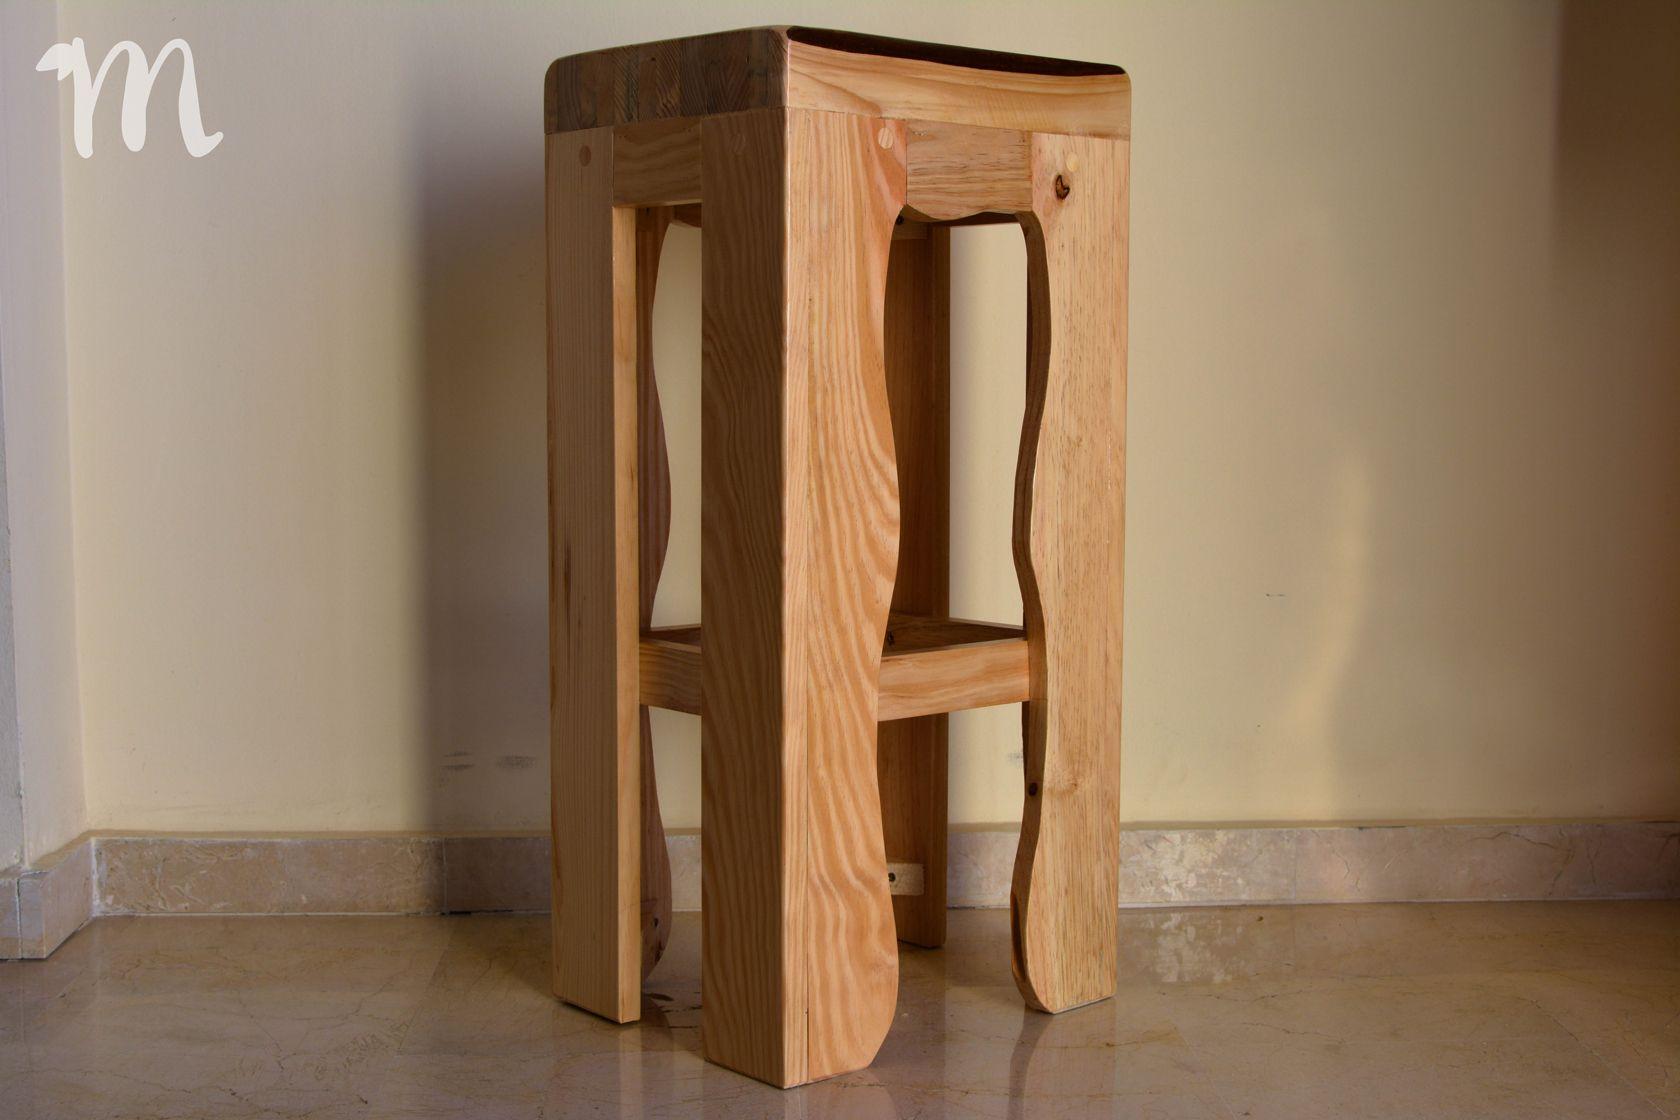 Taburete alto con asiento recto